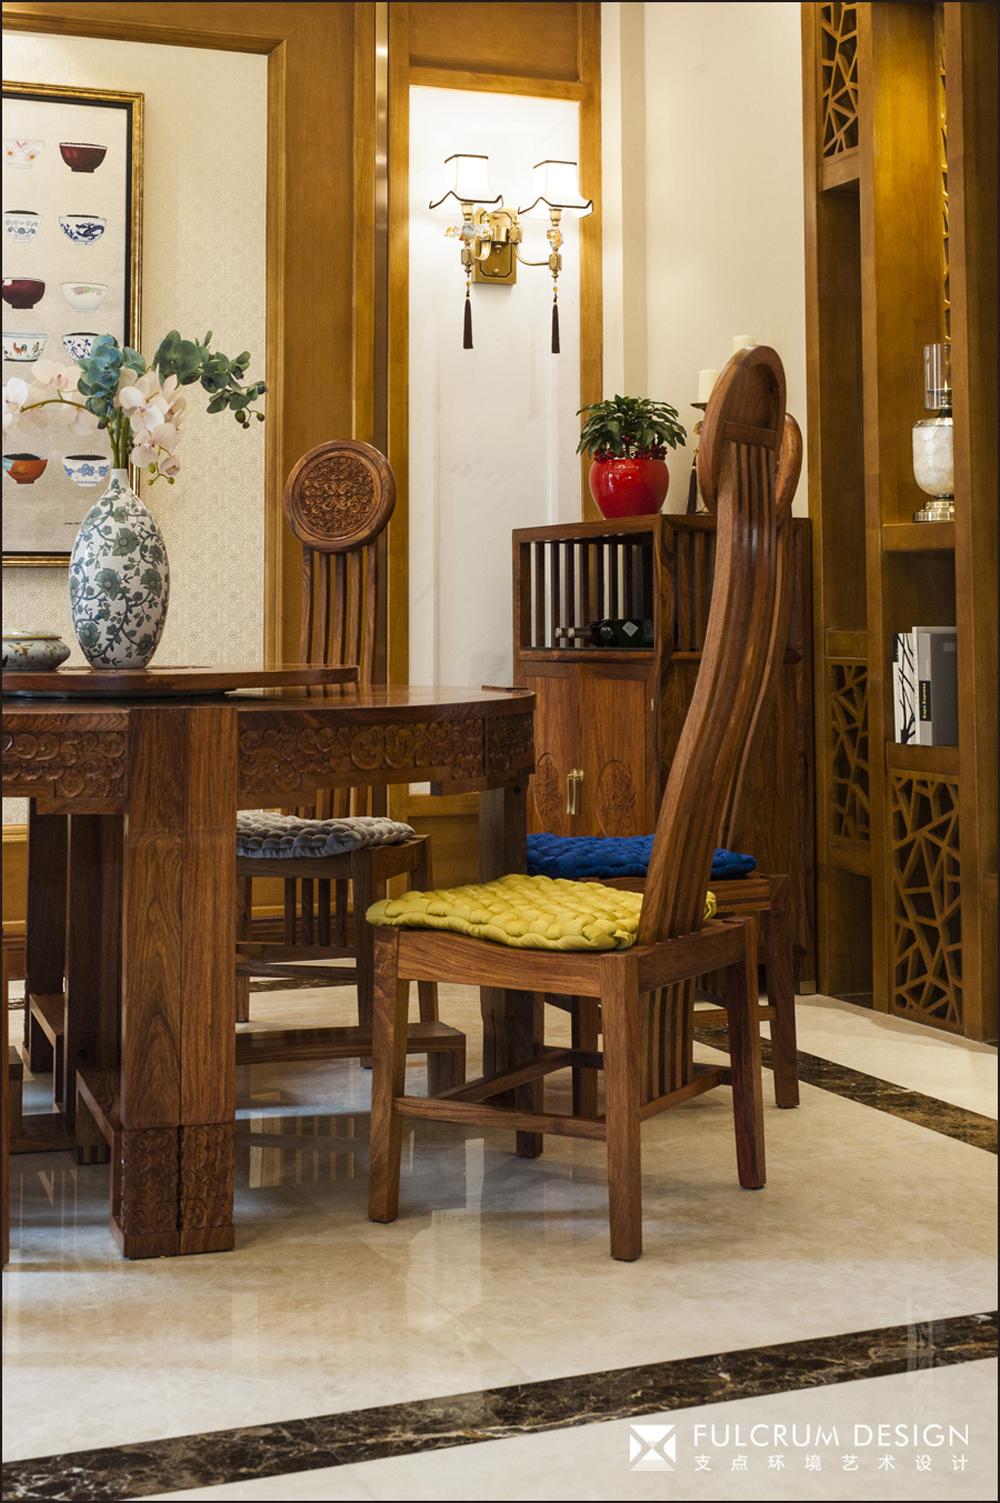 中式风格别墅装修餐桌椅设计图